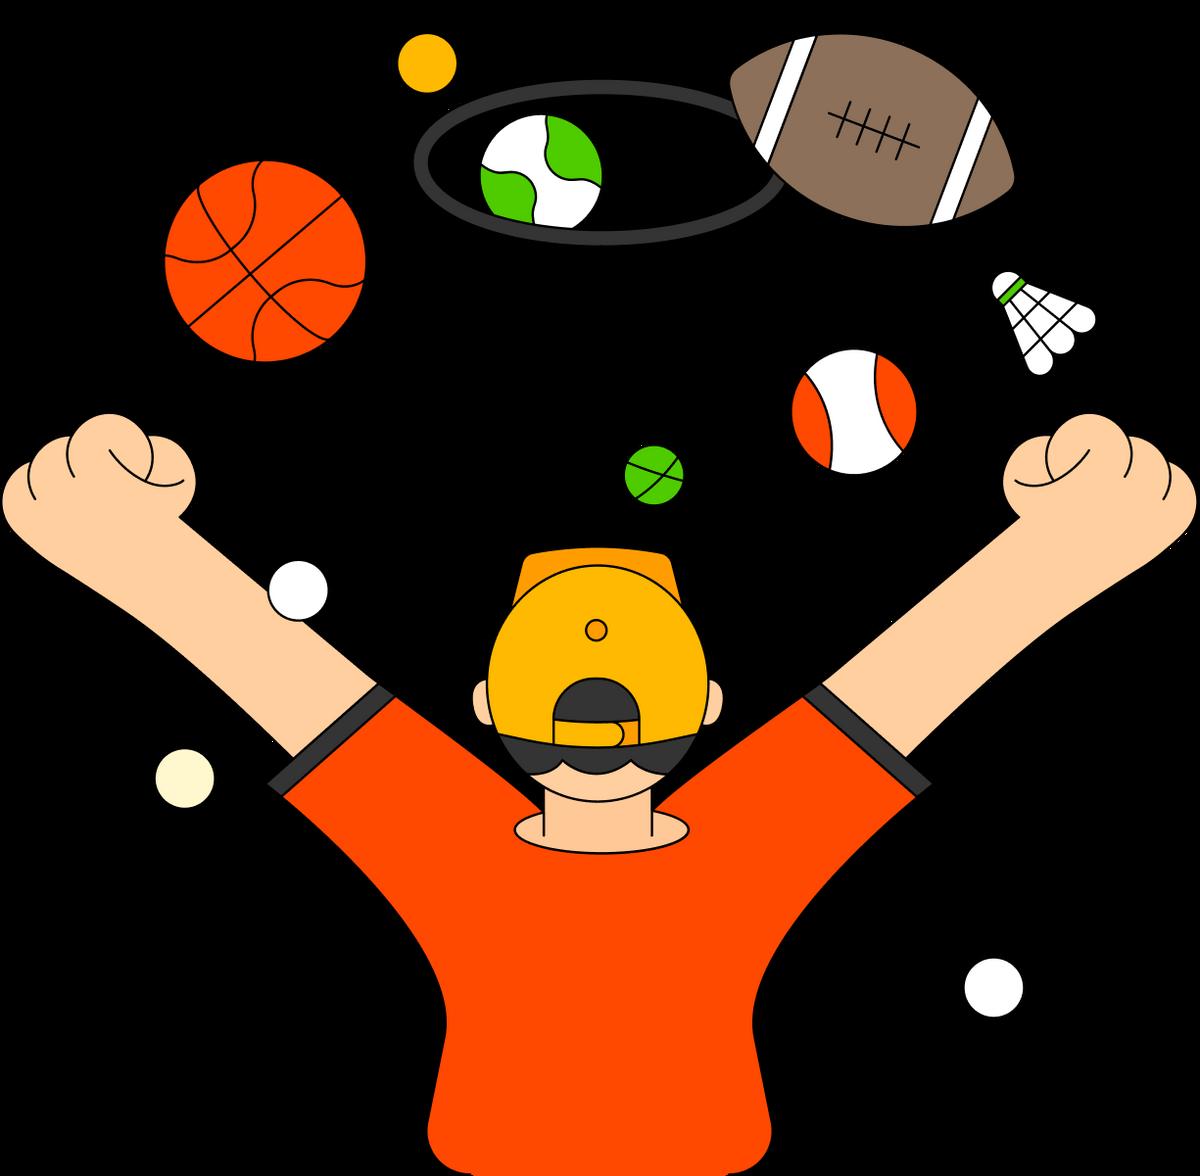 Заниматься с тренером и пробовать разную активность: 7 советов, которые помогут полюбить спорт